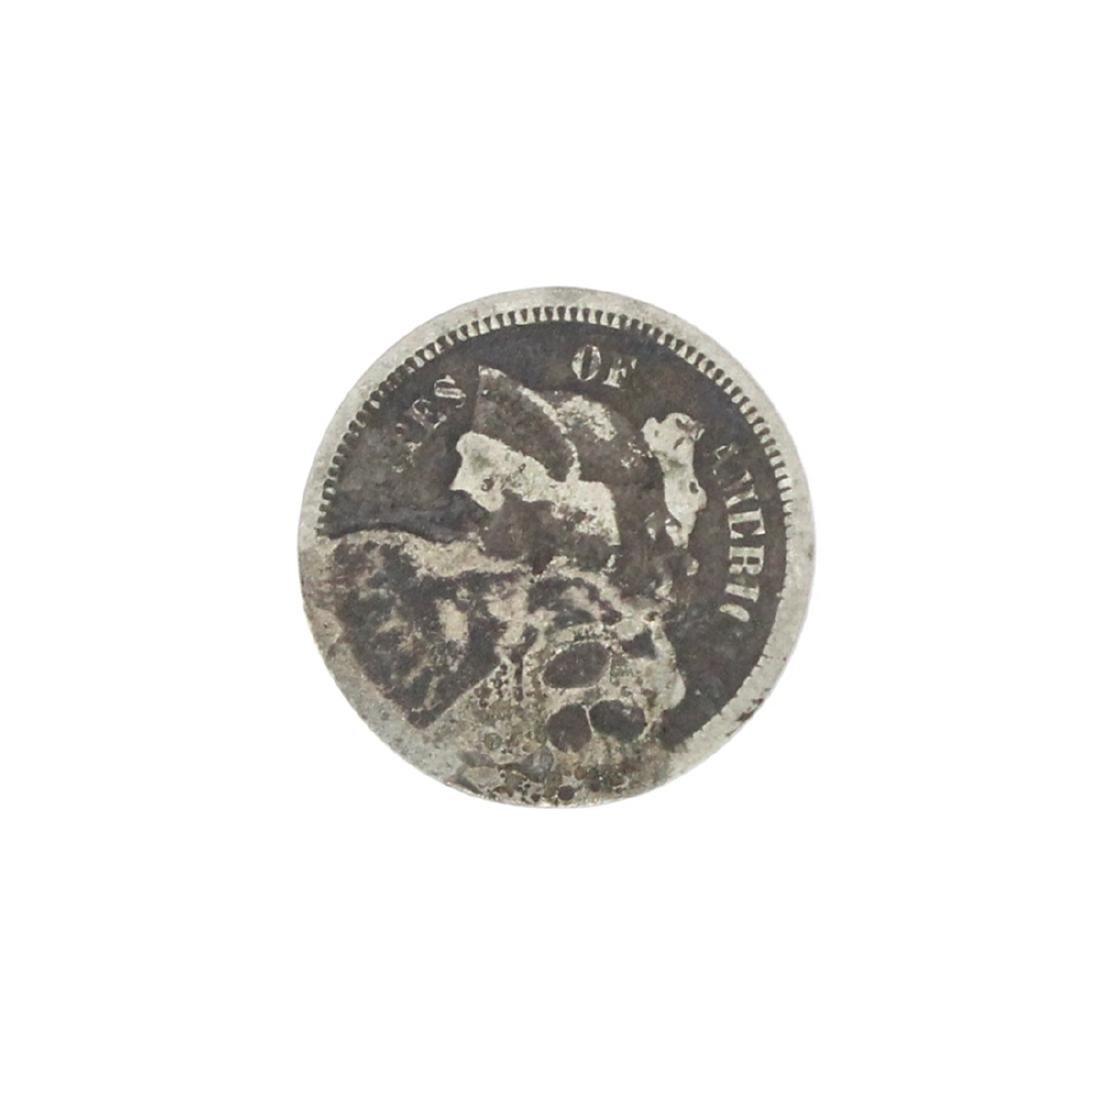 XXXX Three Cent Piece Nickel Coin